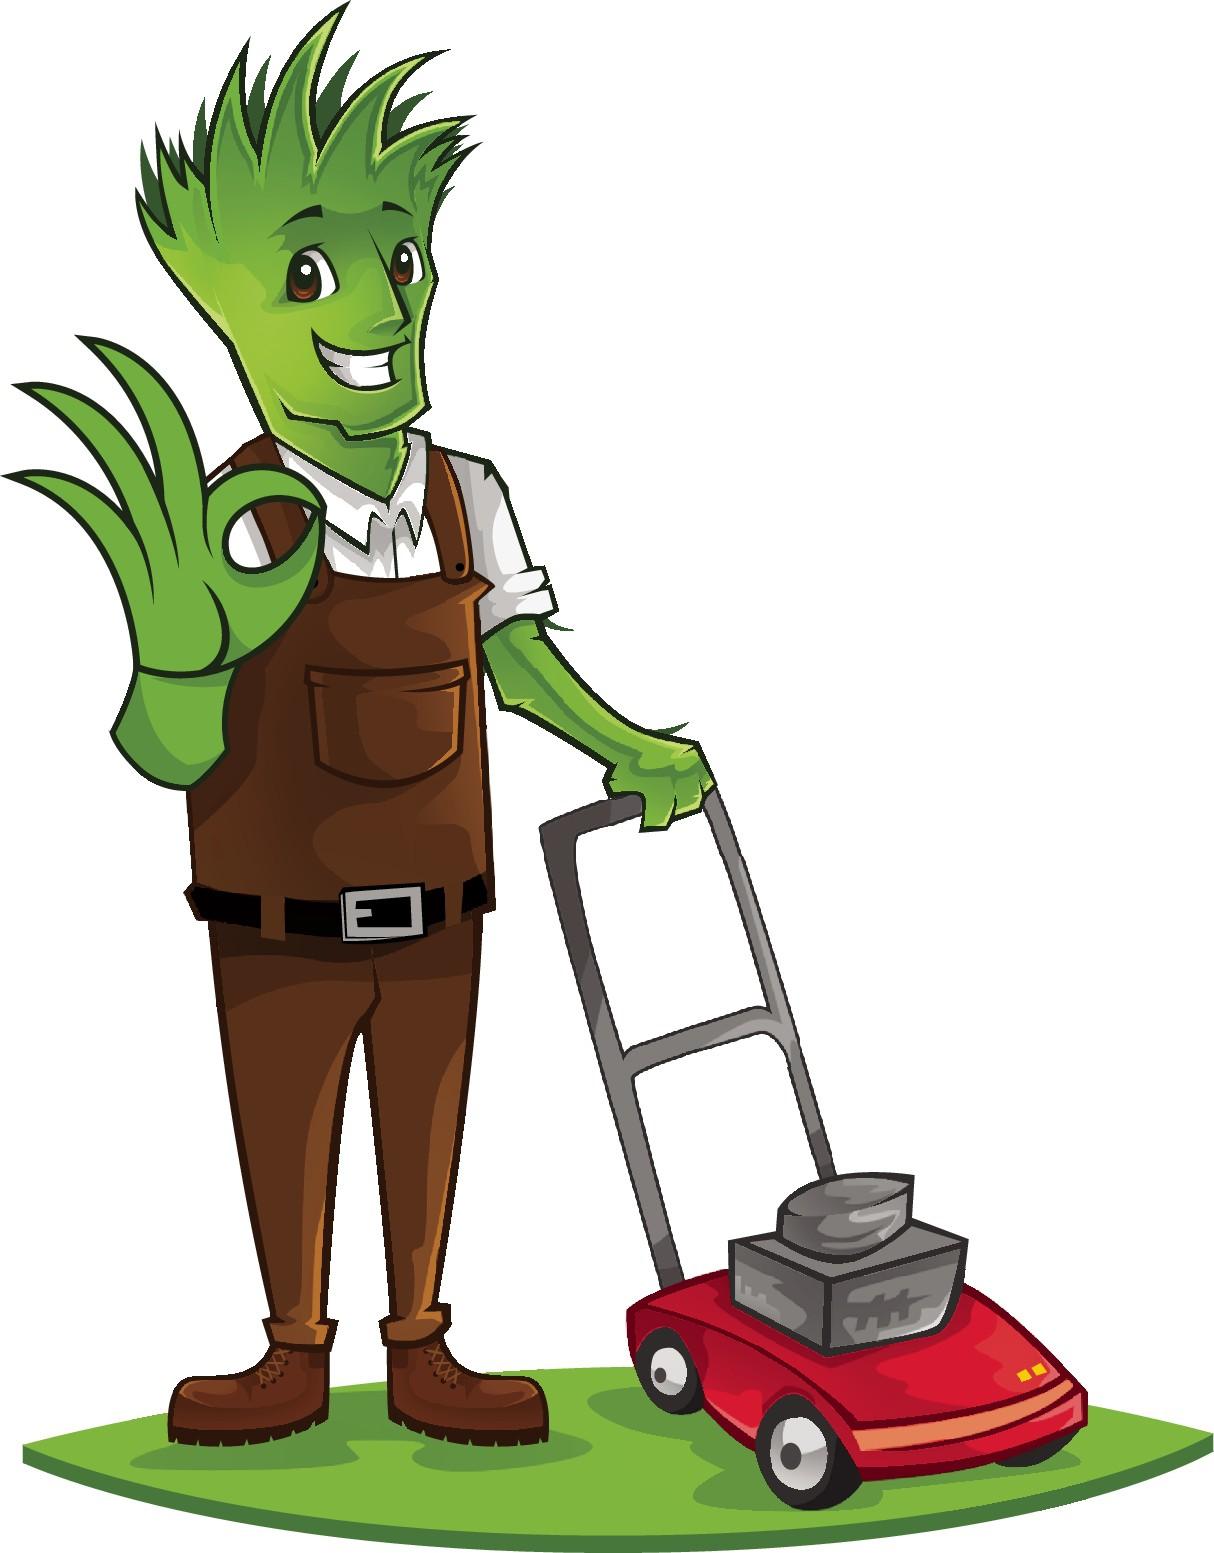 mr. lawn adjustment